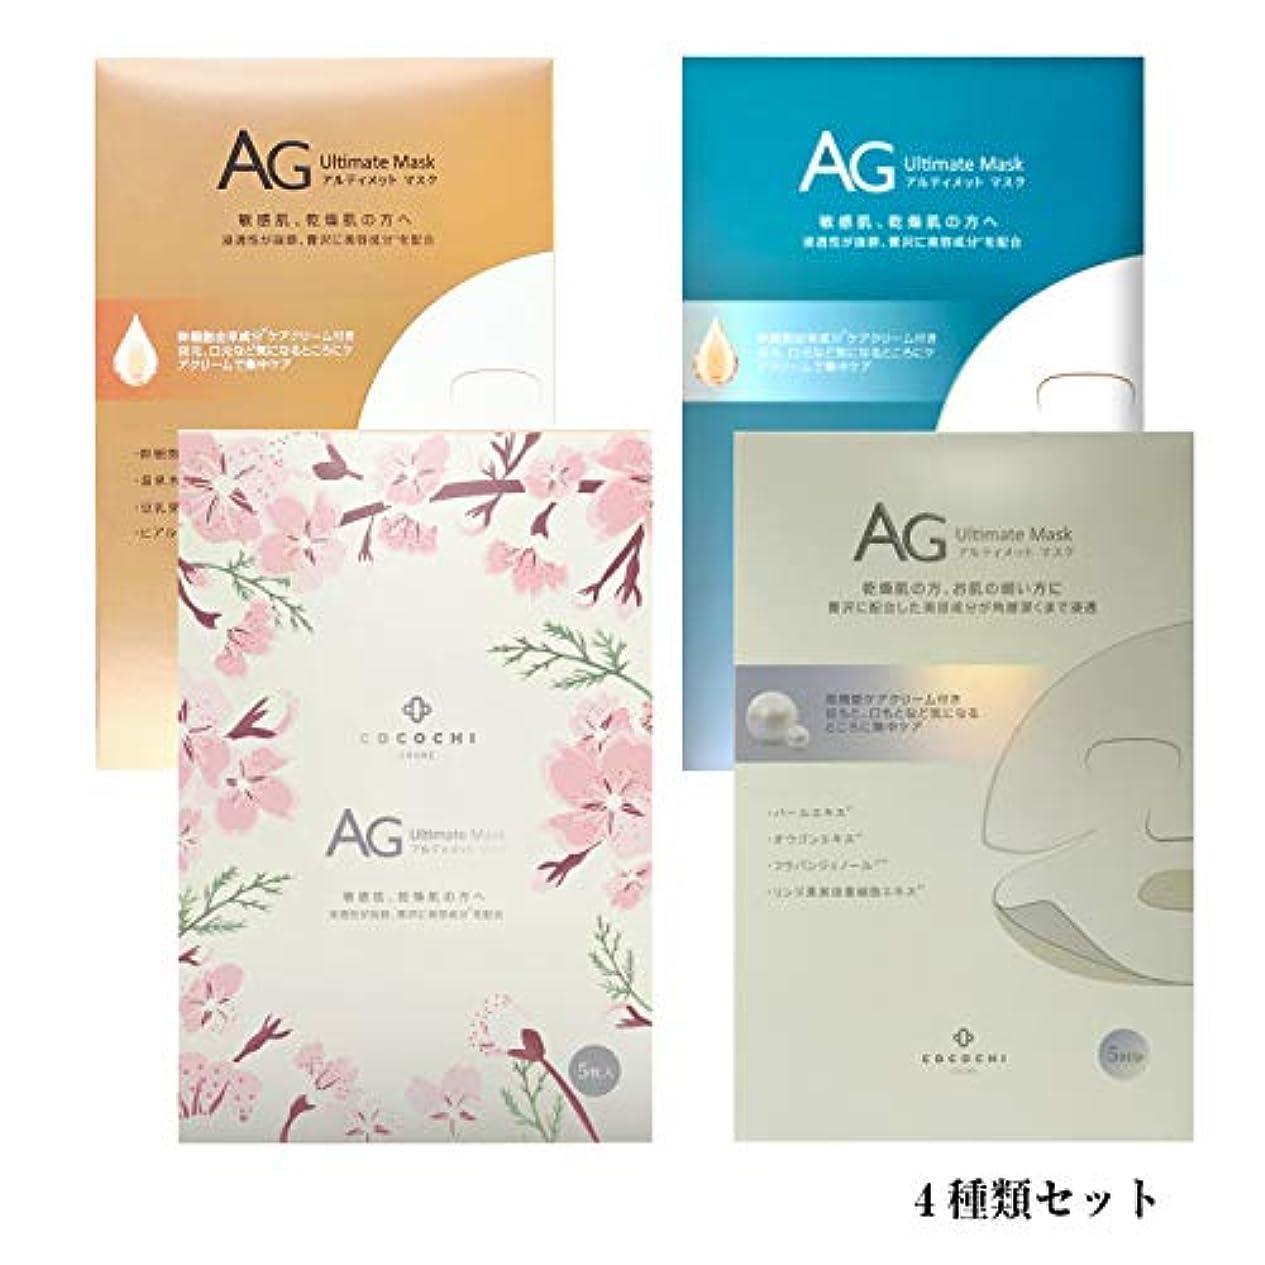 第三プレゼン解明AGアルティメットマスク 4種類セット AG アルティメットマスク/オーシャンマスク/さくら/アコヤ真珠マスク